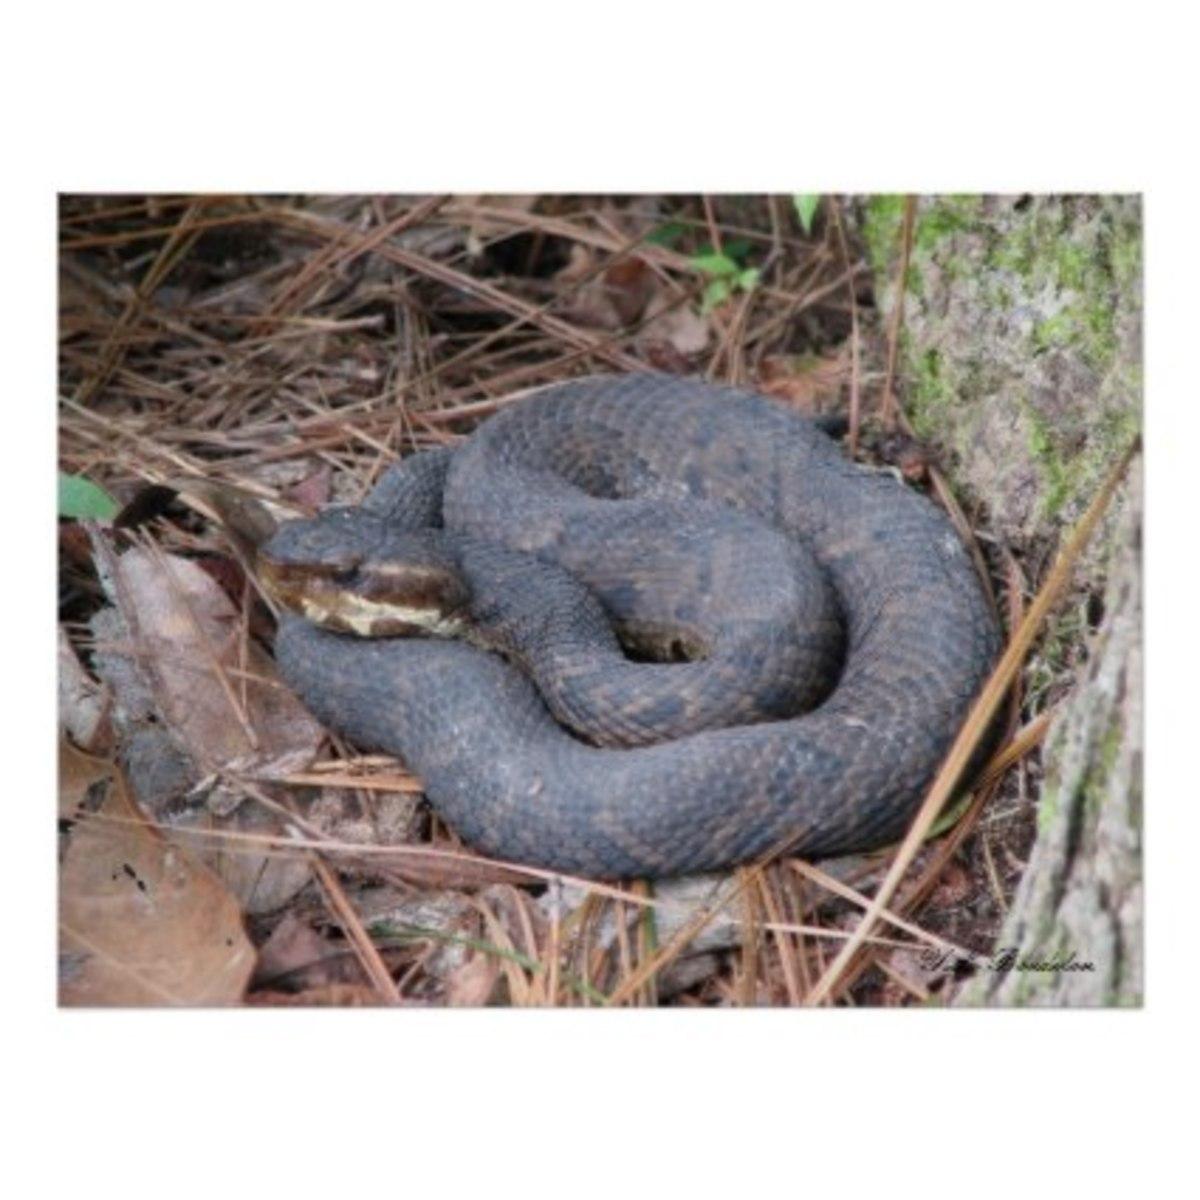 Snakes Of Louisiana